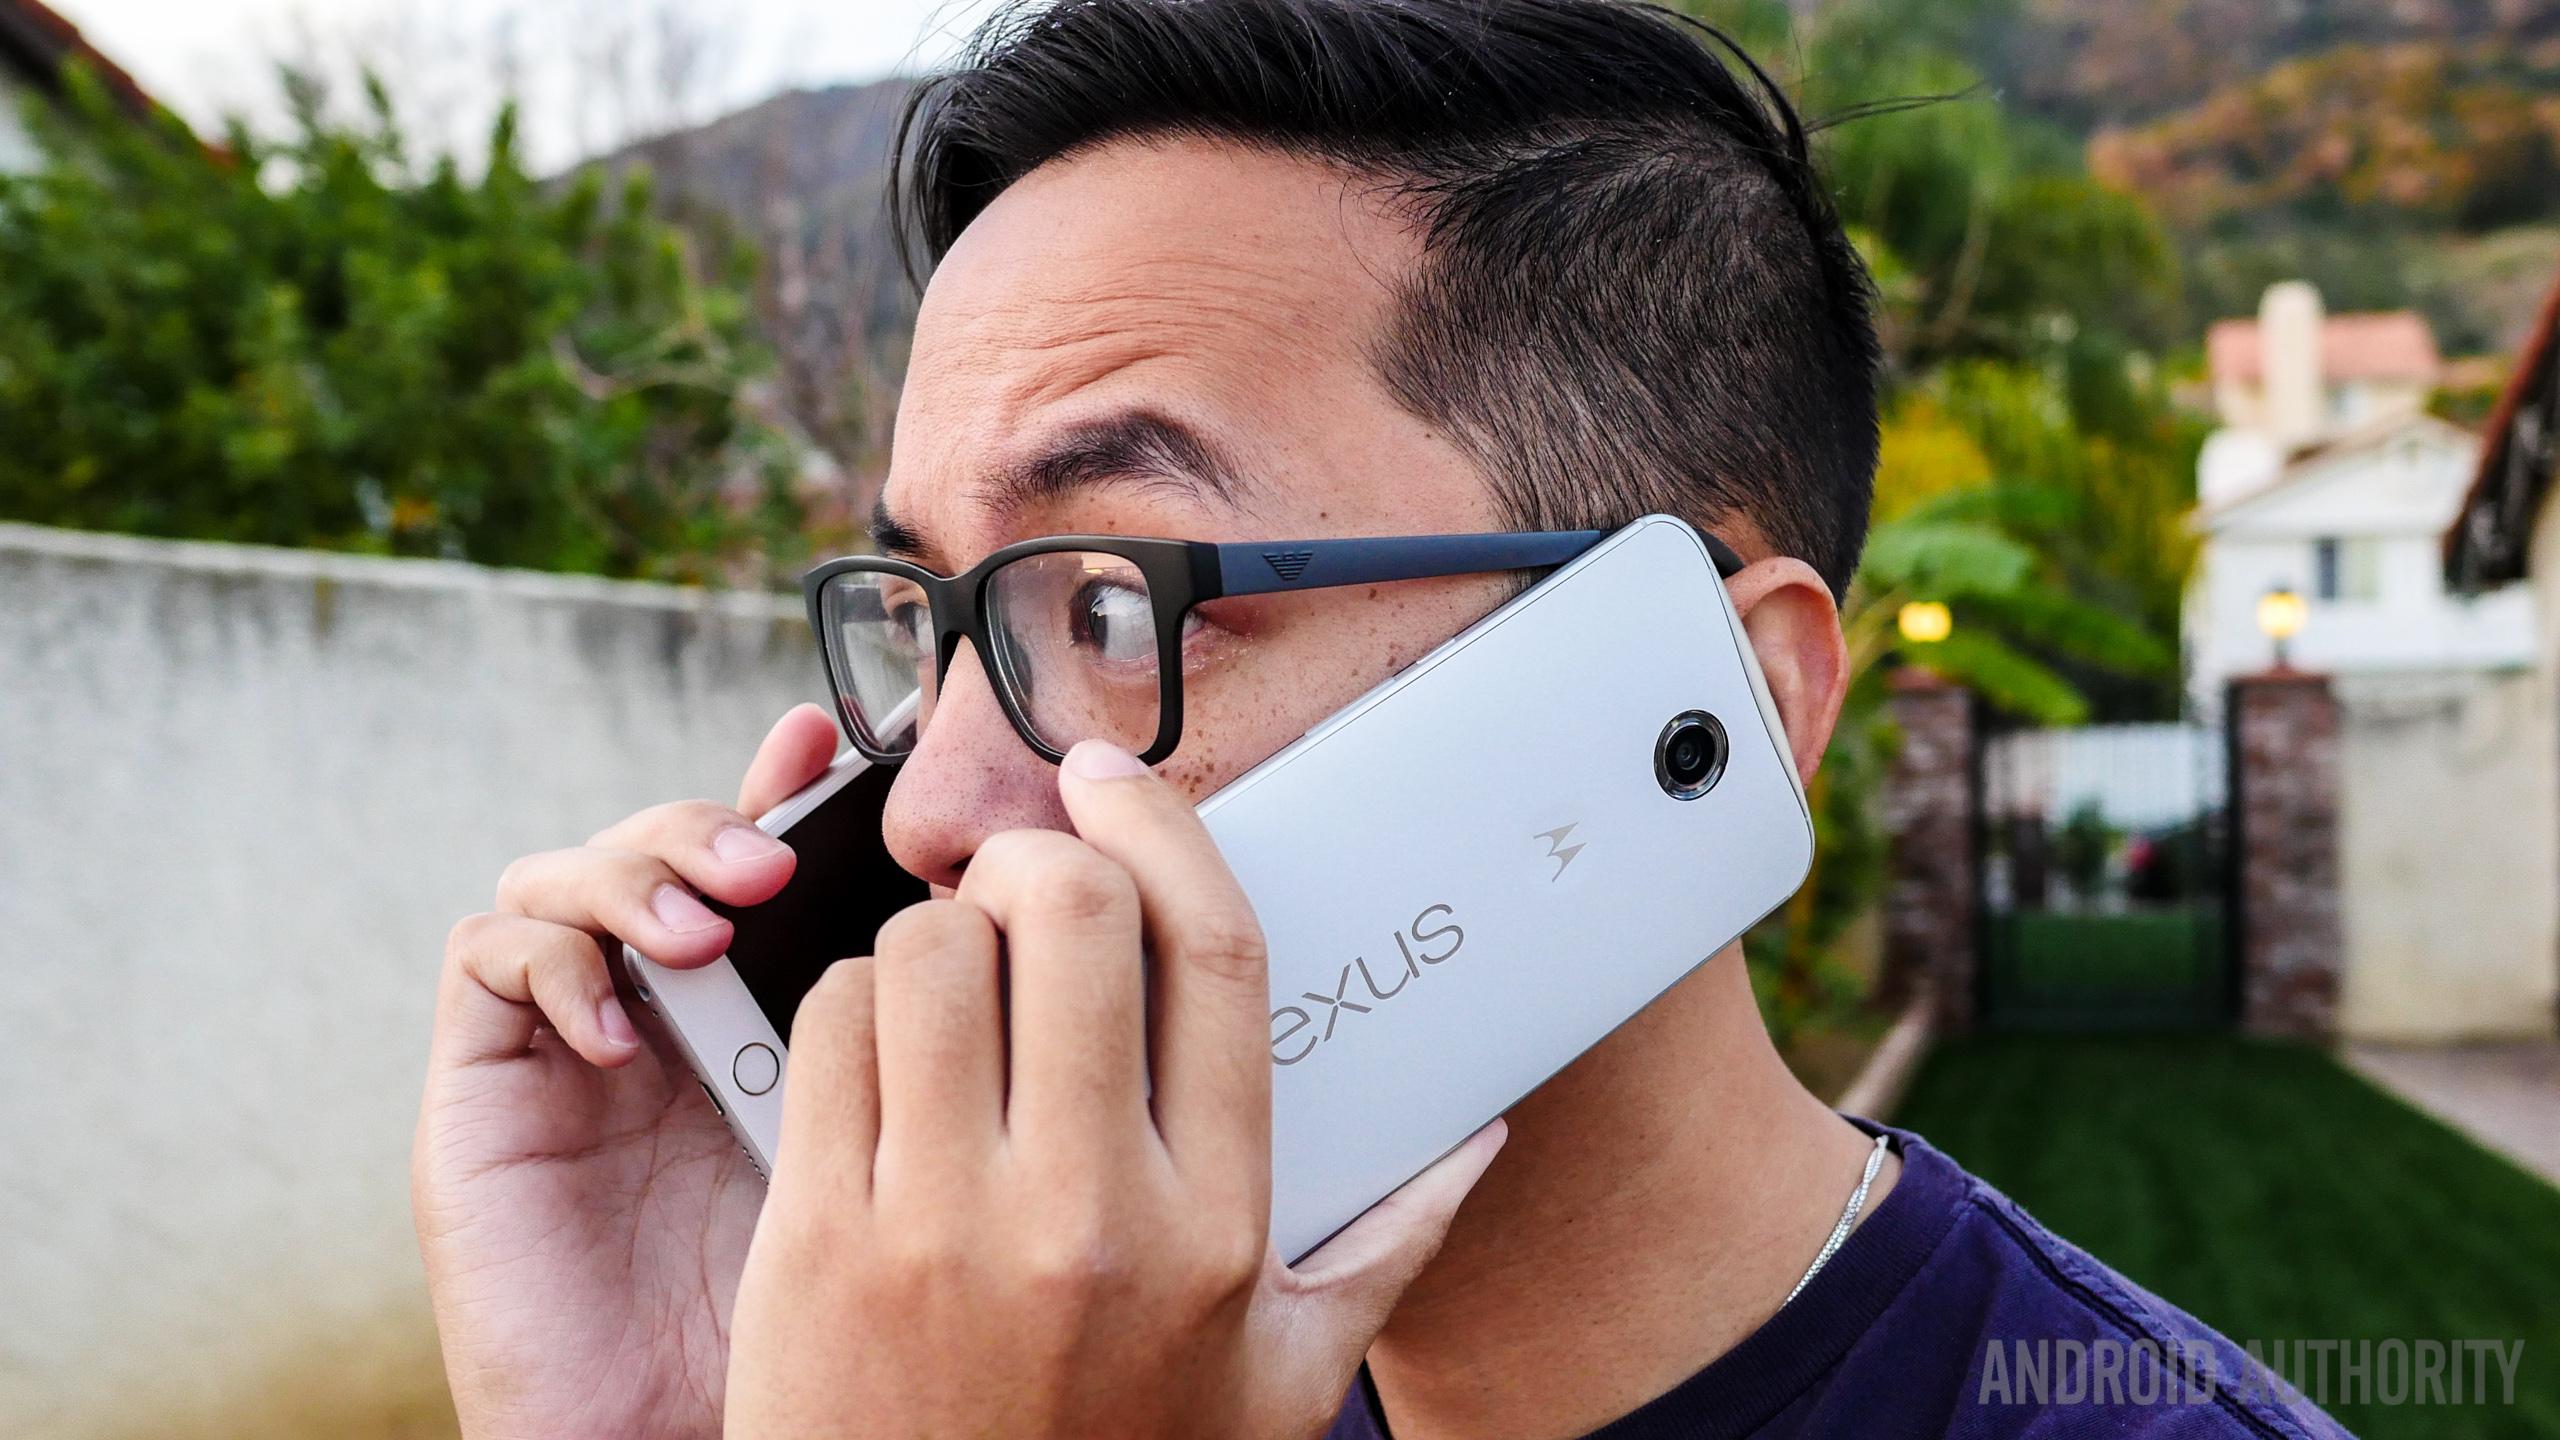 nexus 6 vs iphone 6 plus aa (22 of 24)